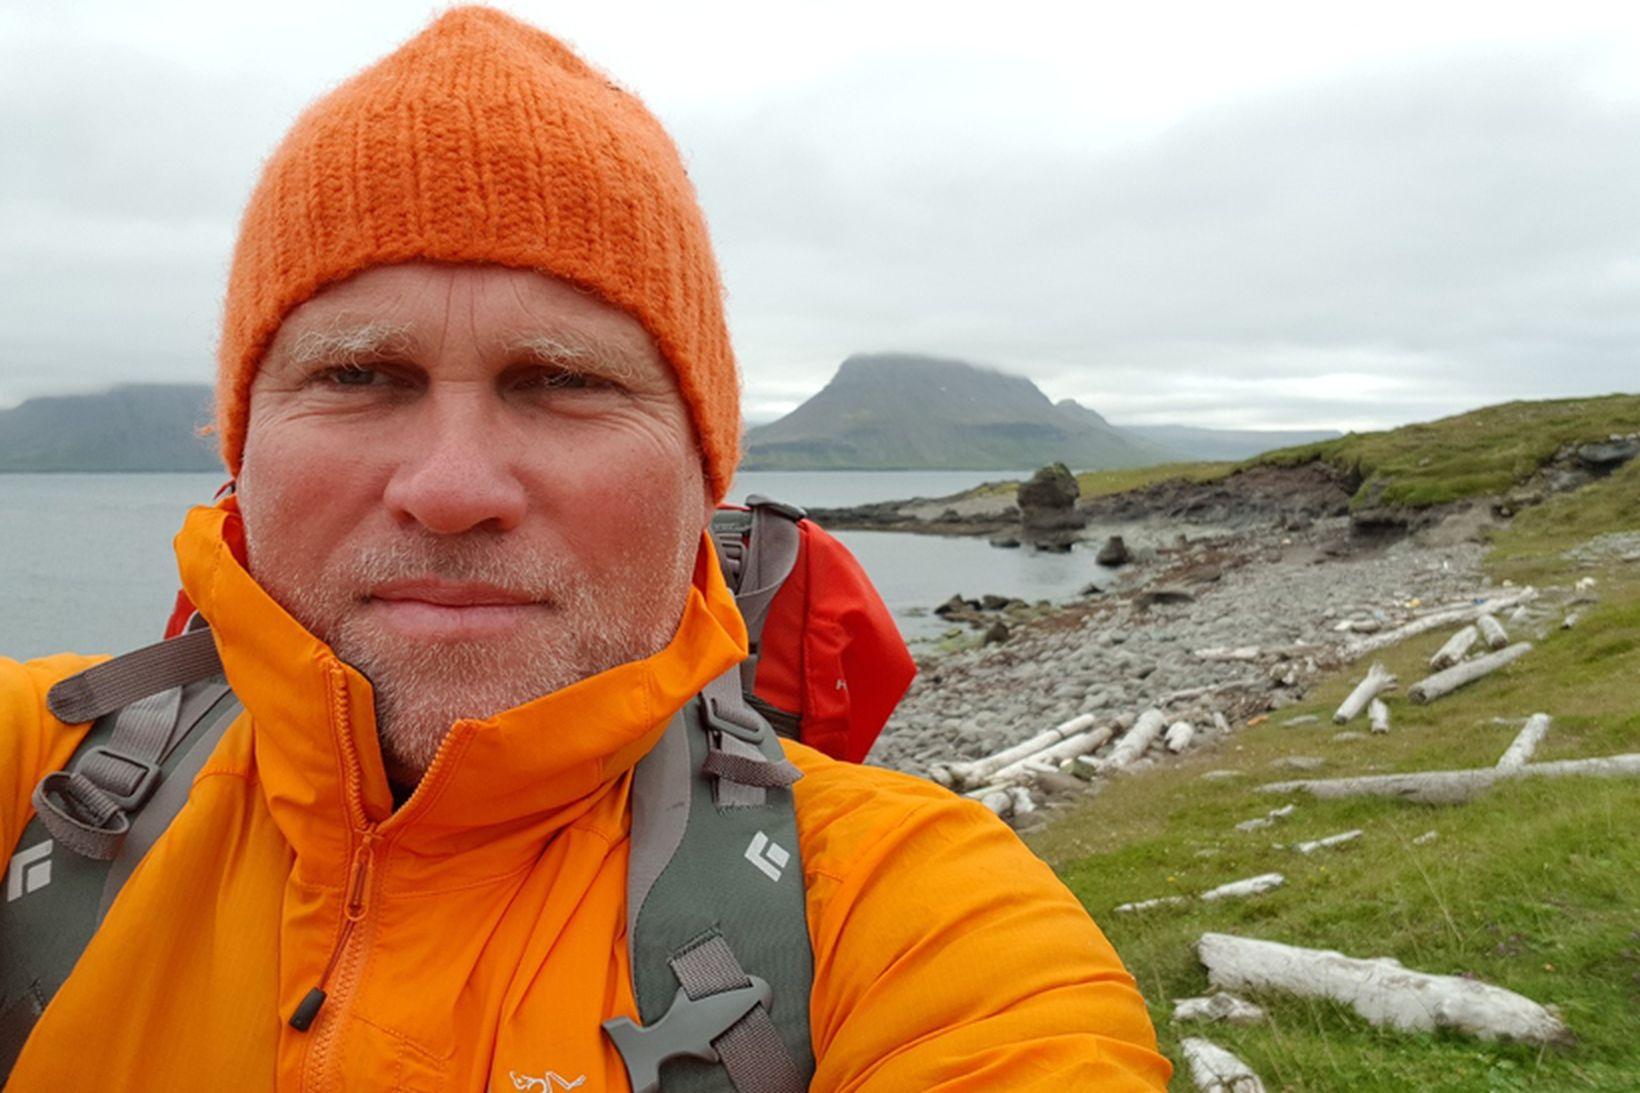 Páll Guðmundsson, framkvæmdastjóri Ferðafélags Íslands, fer á hverju ári í …